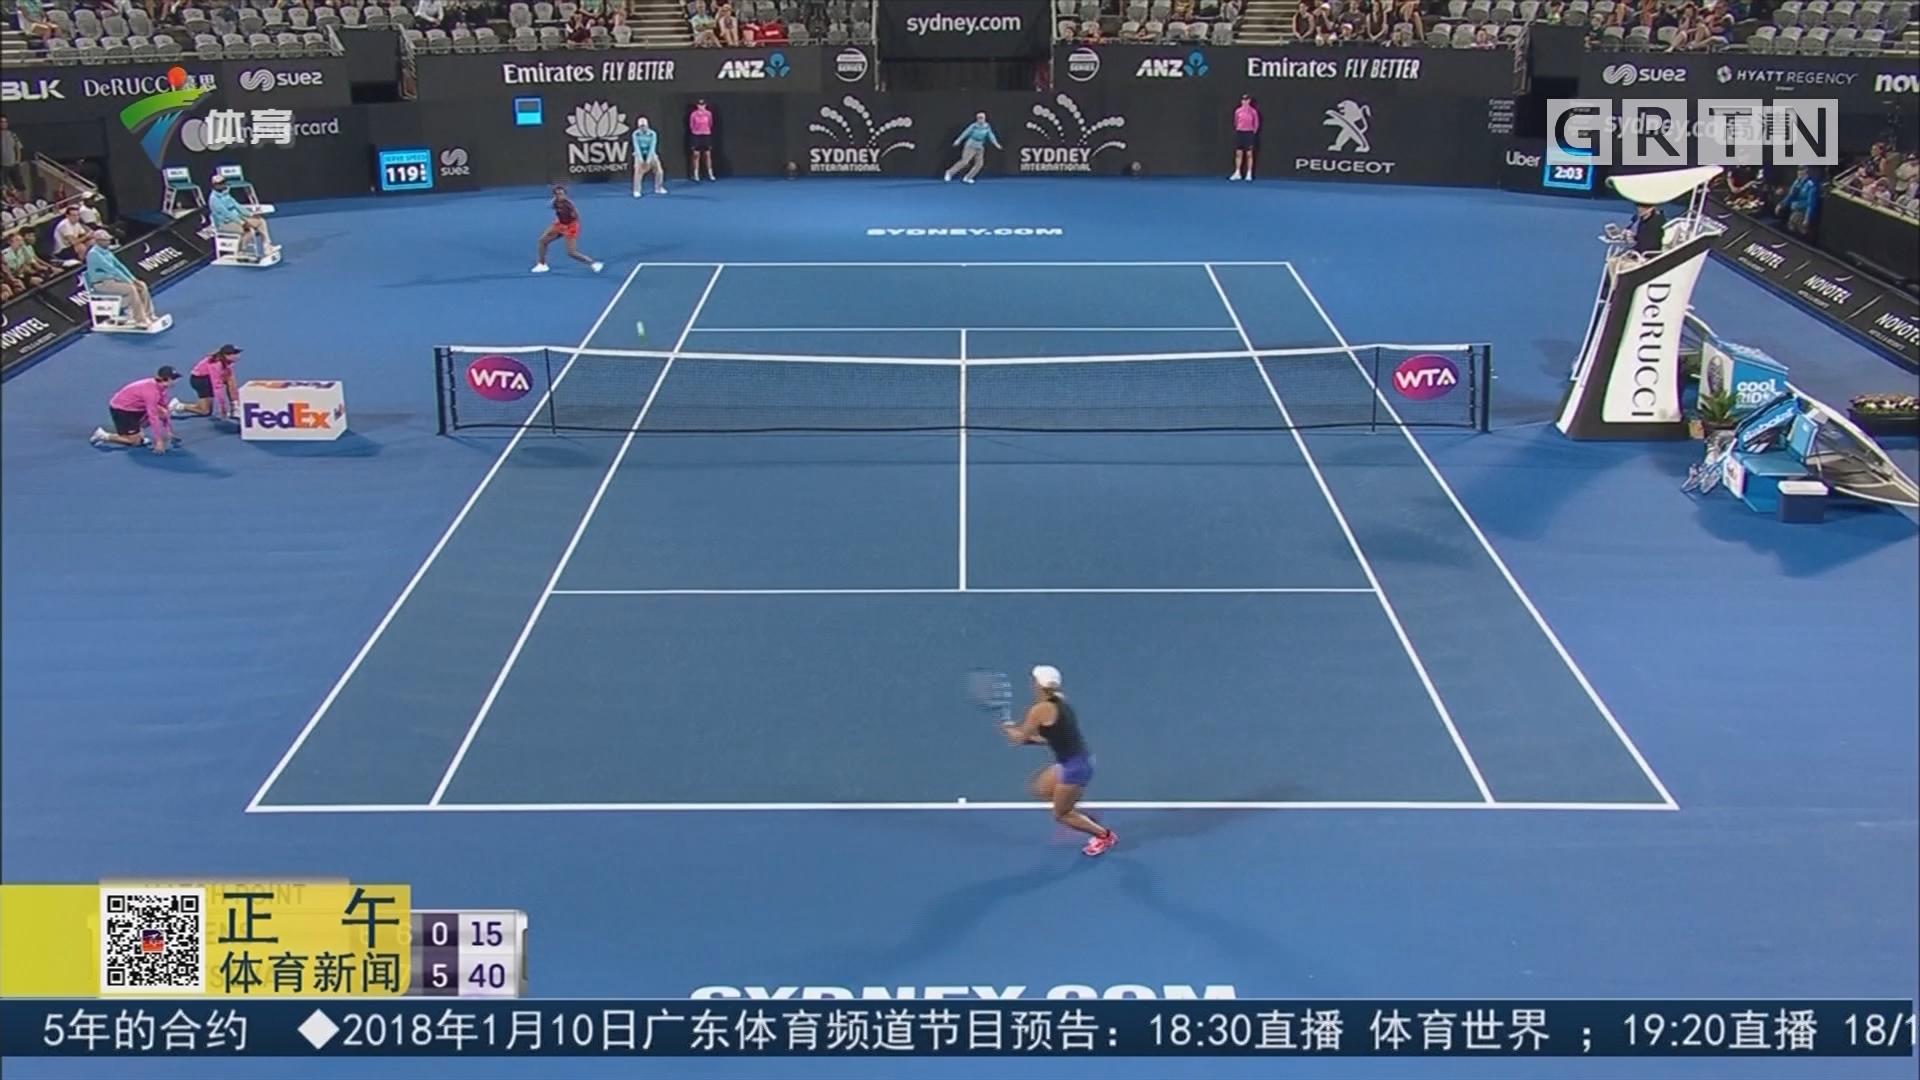 悉尼国际赛 斯蒂文斯不敌普汀塞娃 止步16强